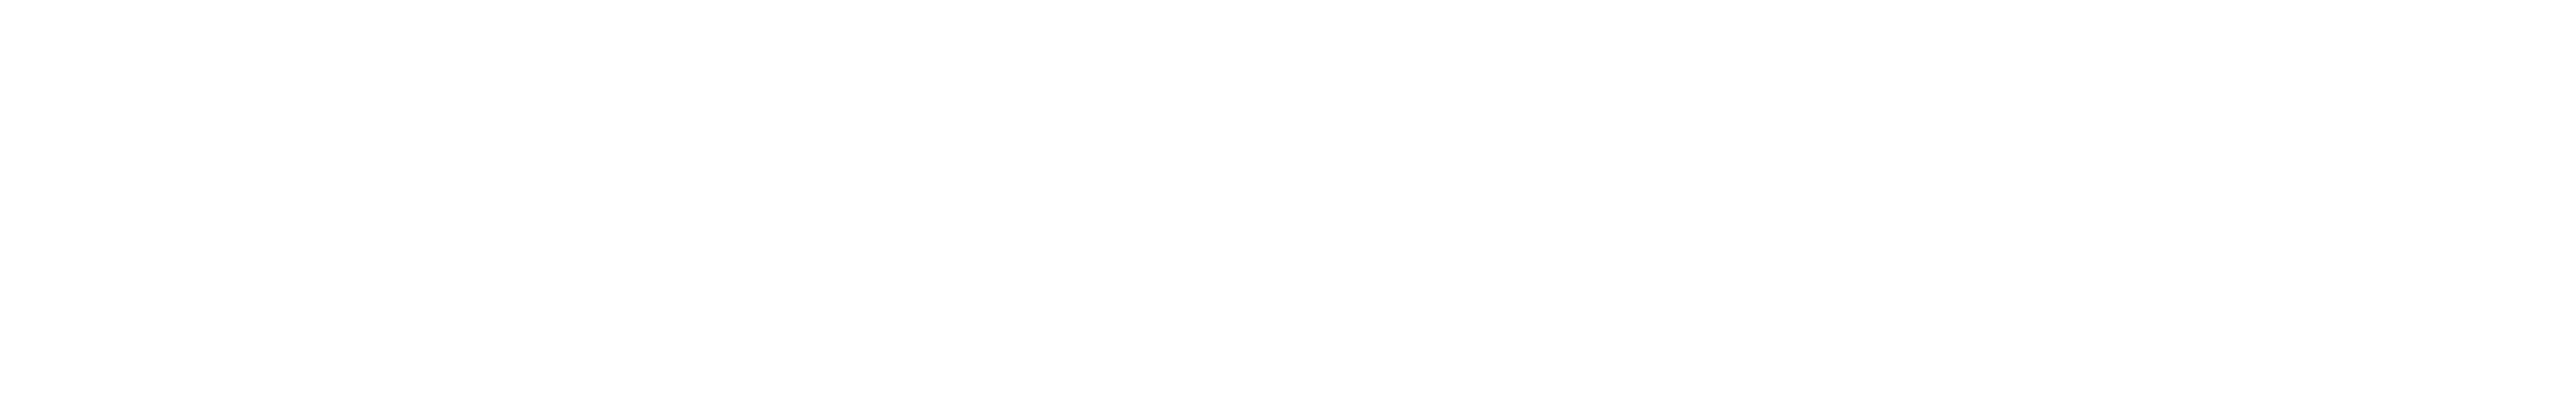 firma de steven